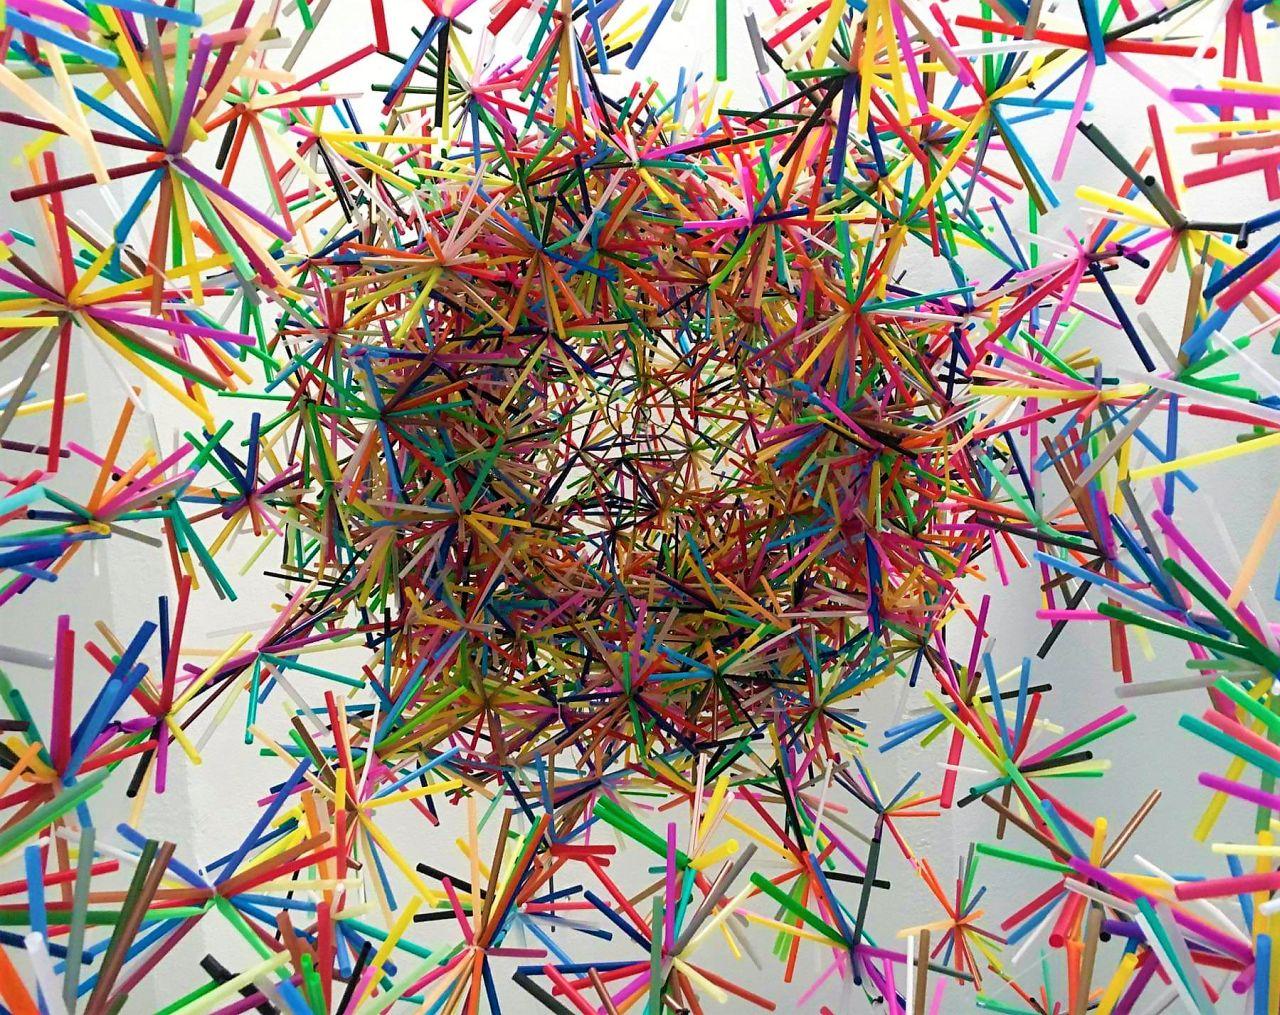 Dekoracyjne lampiony i pająki plastikowych słomek są inspirowane polską sztuka ludową (Fot. Karina Królak, Patka Smirnow)